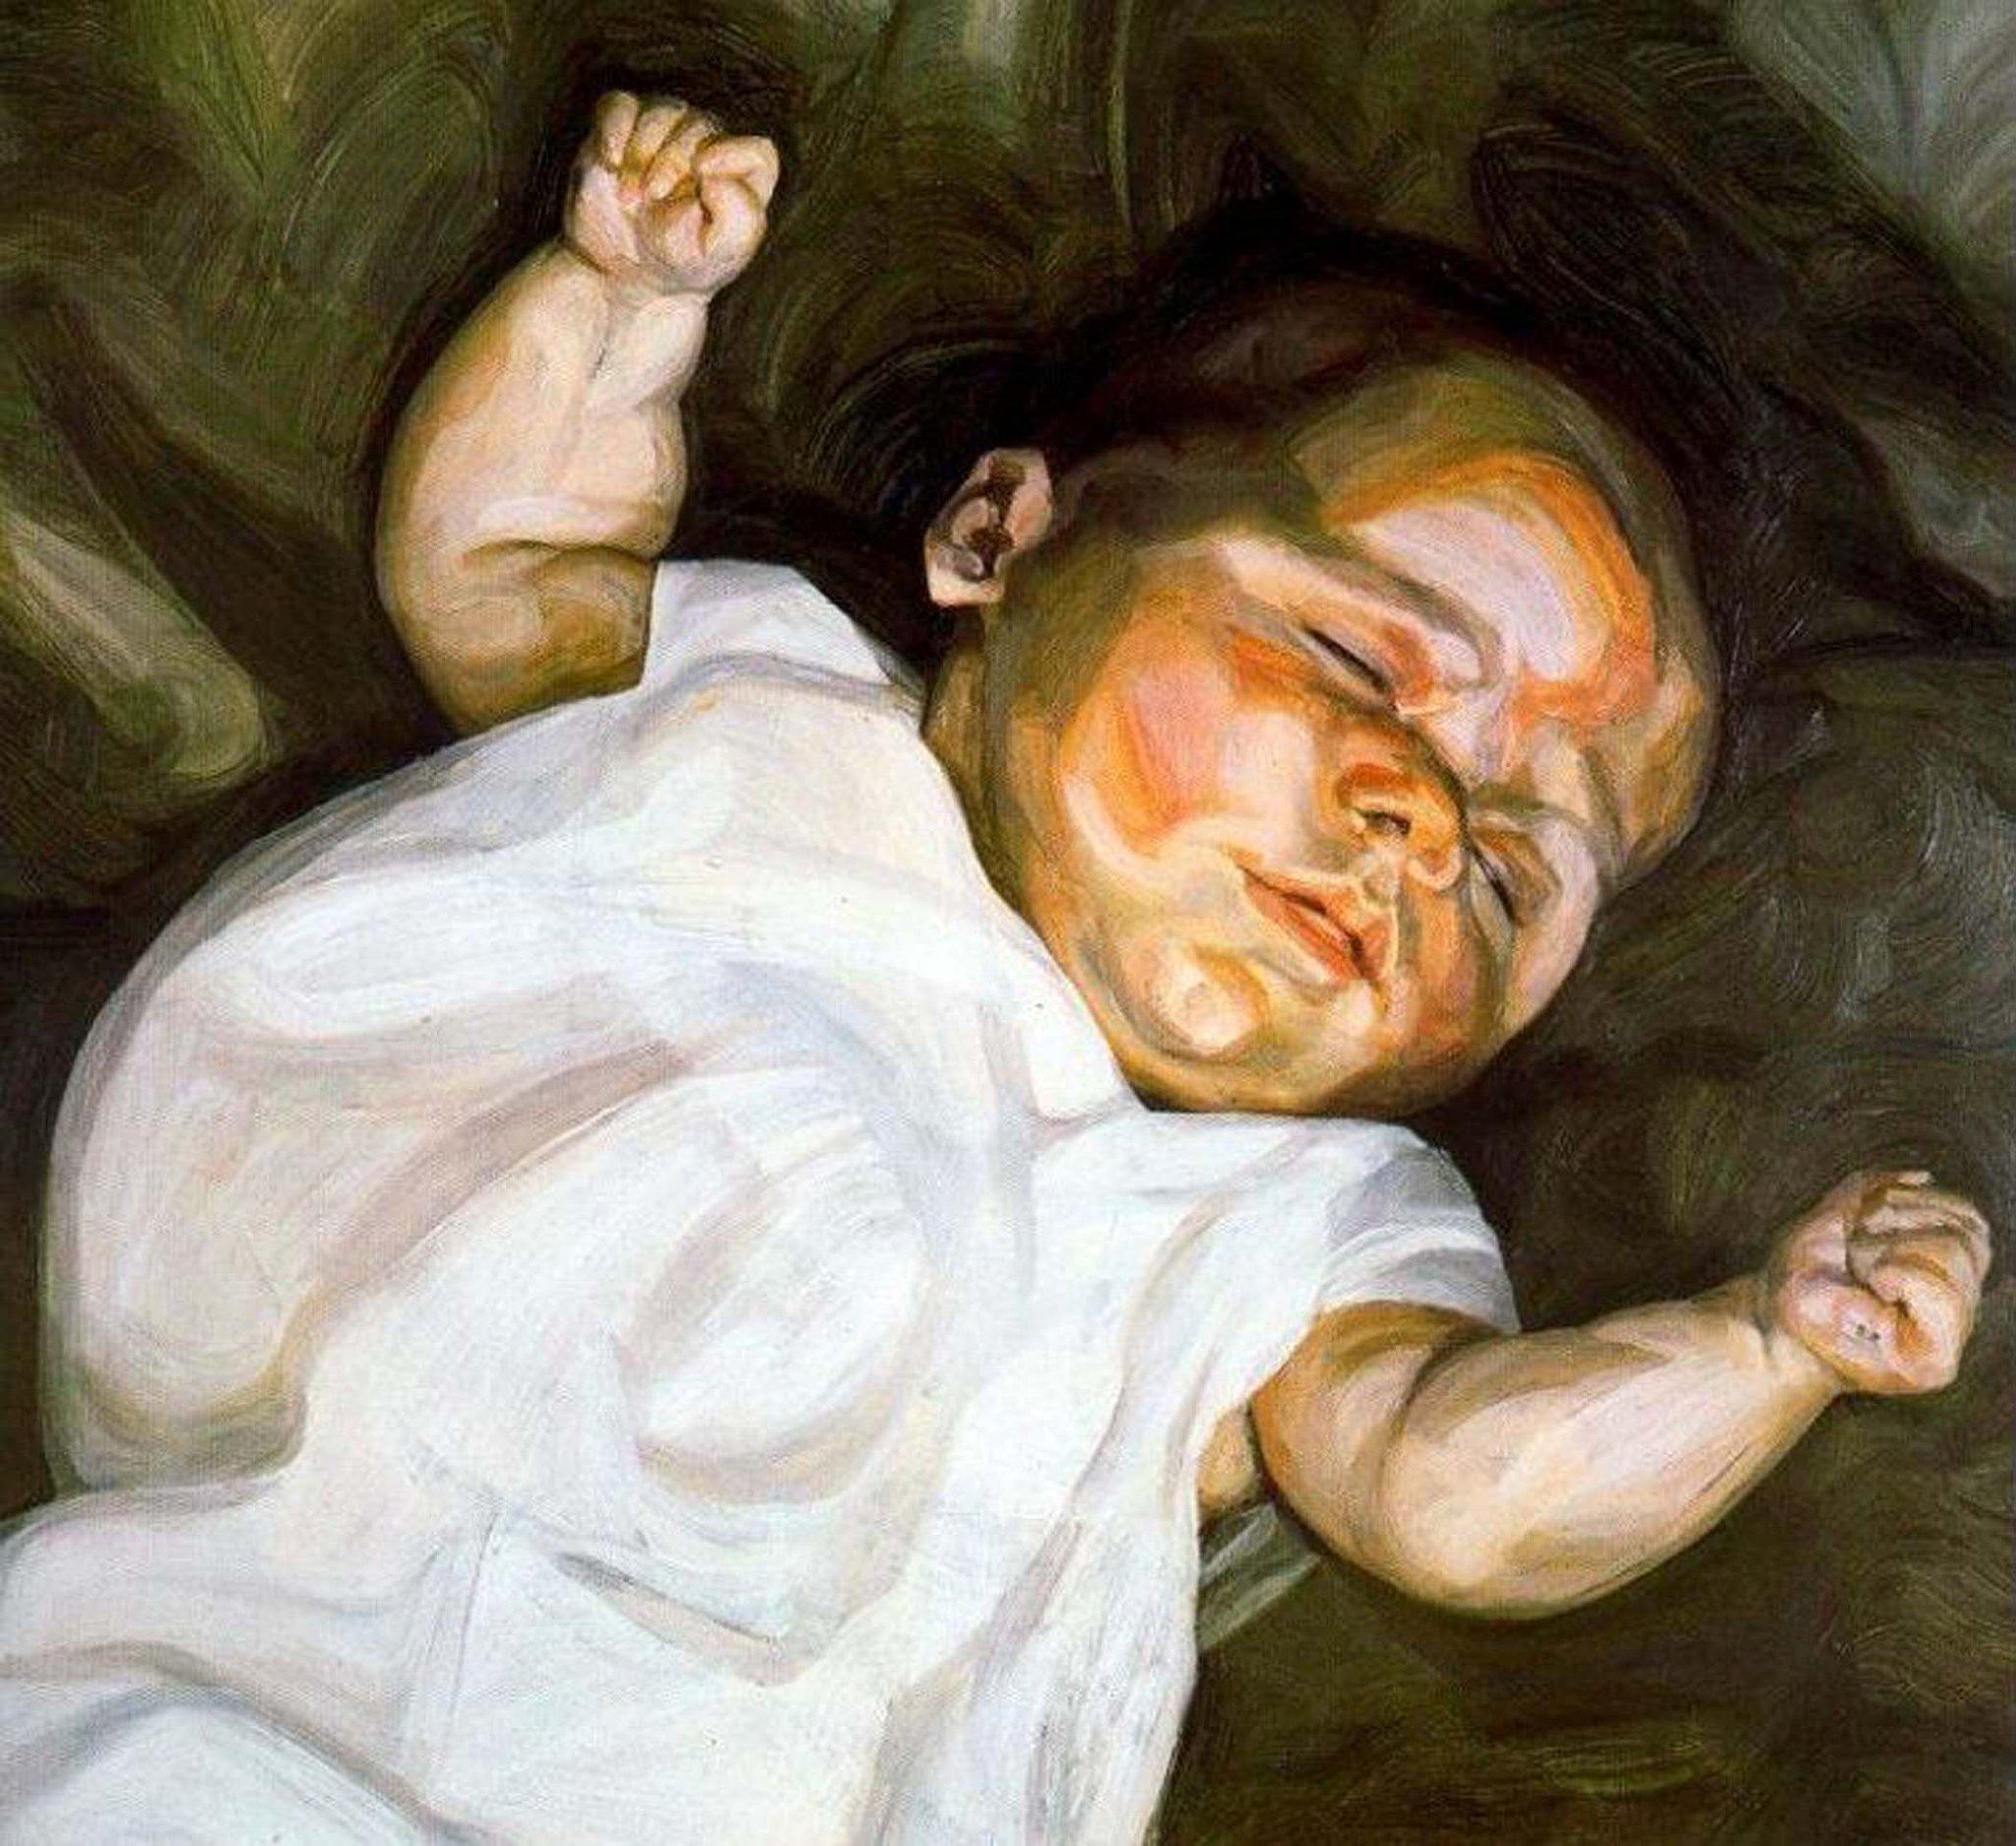 """""""Si sveglia... tra voci e muri che non conosce, in una stanza piena di cugini. Una madre diversa"""" #LucianFreud http://t.co/ZWcb0roLlc"""